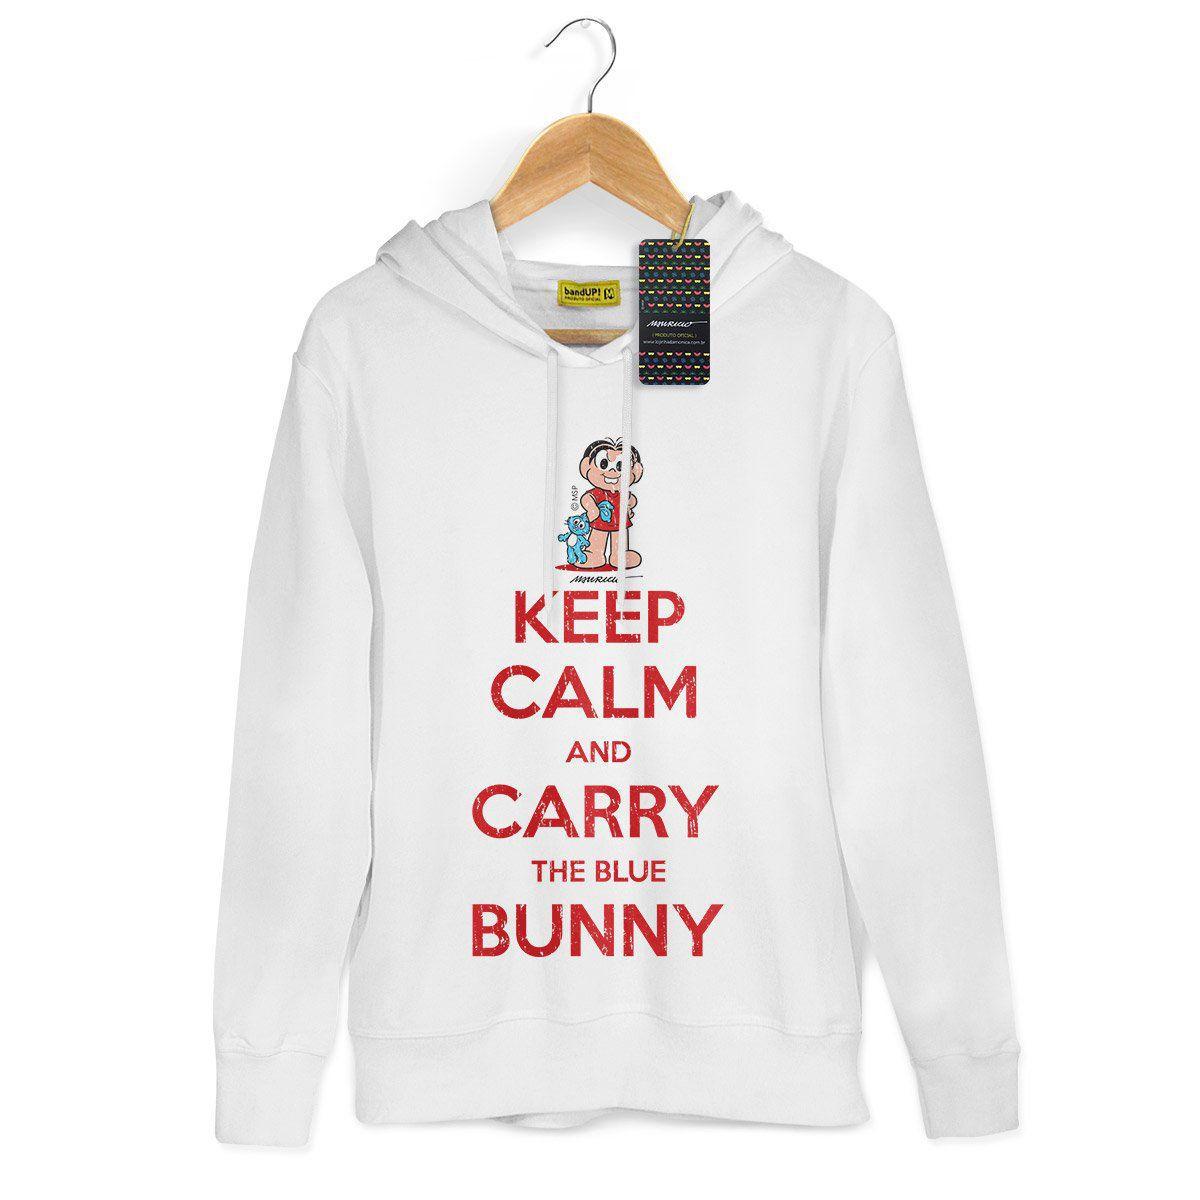 Moletom Branco Turma da Mônica Cool Keep Calm And Carry The Blue Bunny